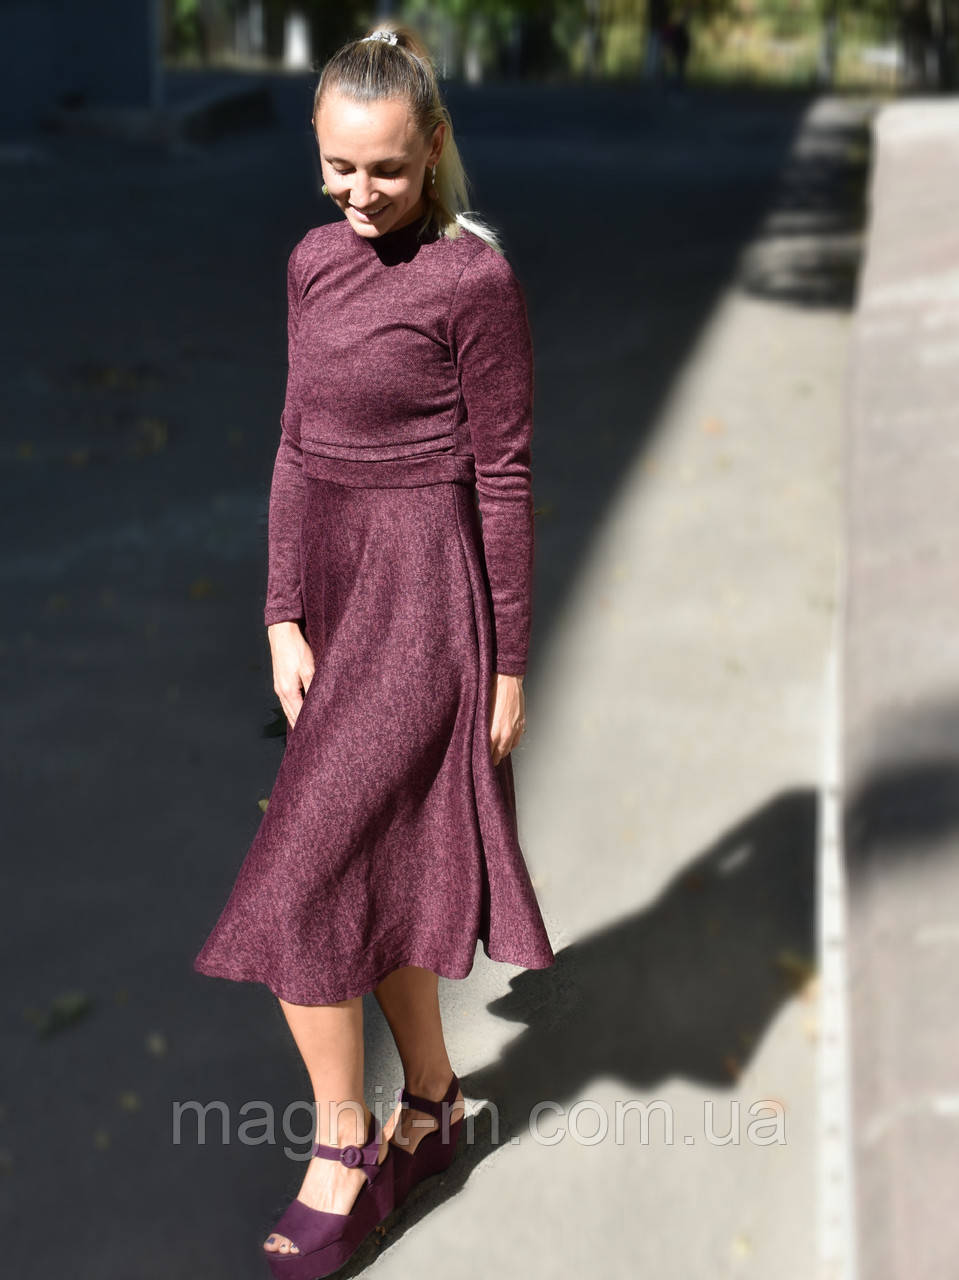 Осенне/зимнее платье с секретом для кормящих мам из ангоры софт от For Kids